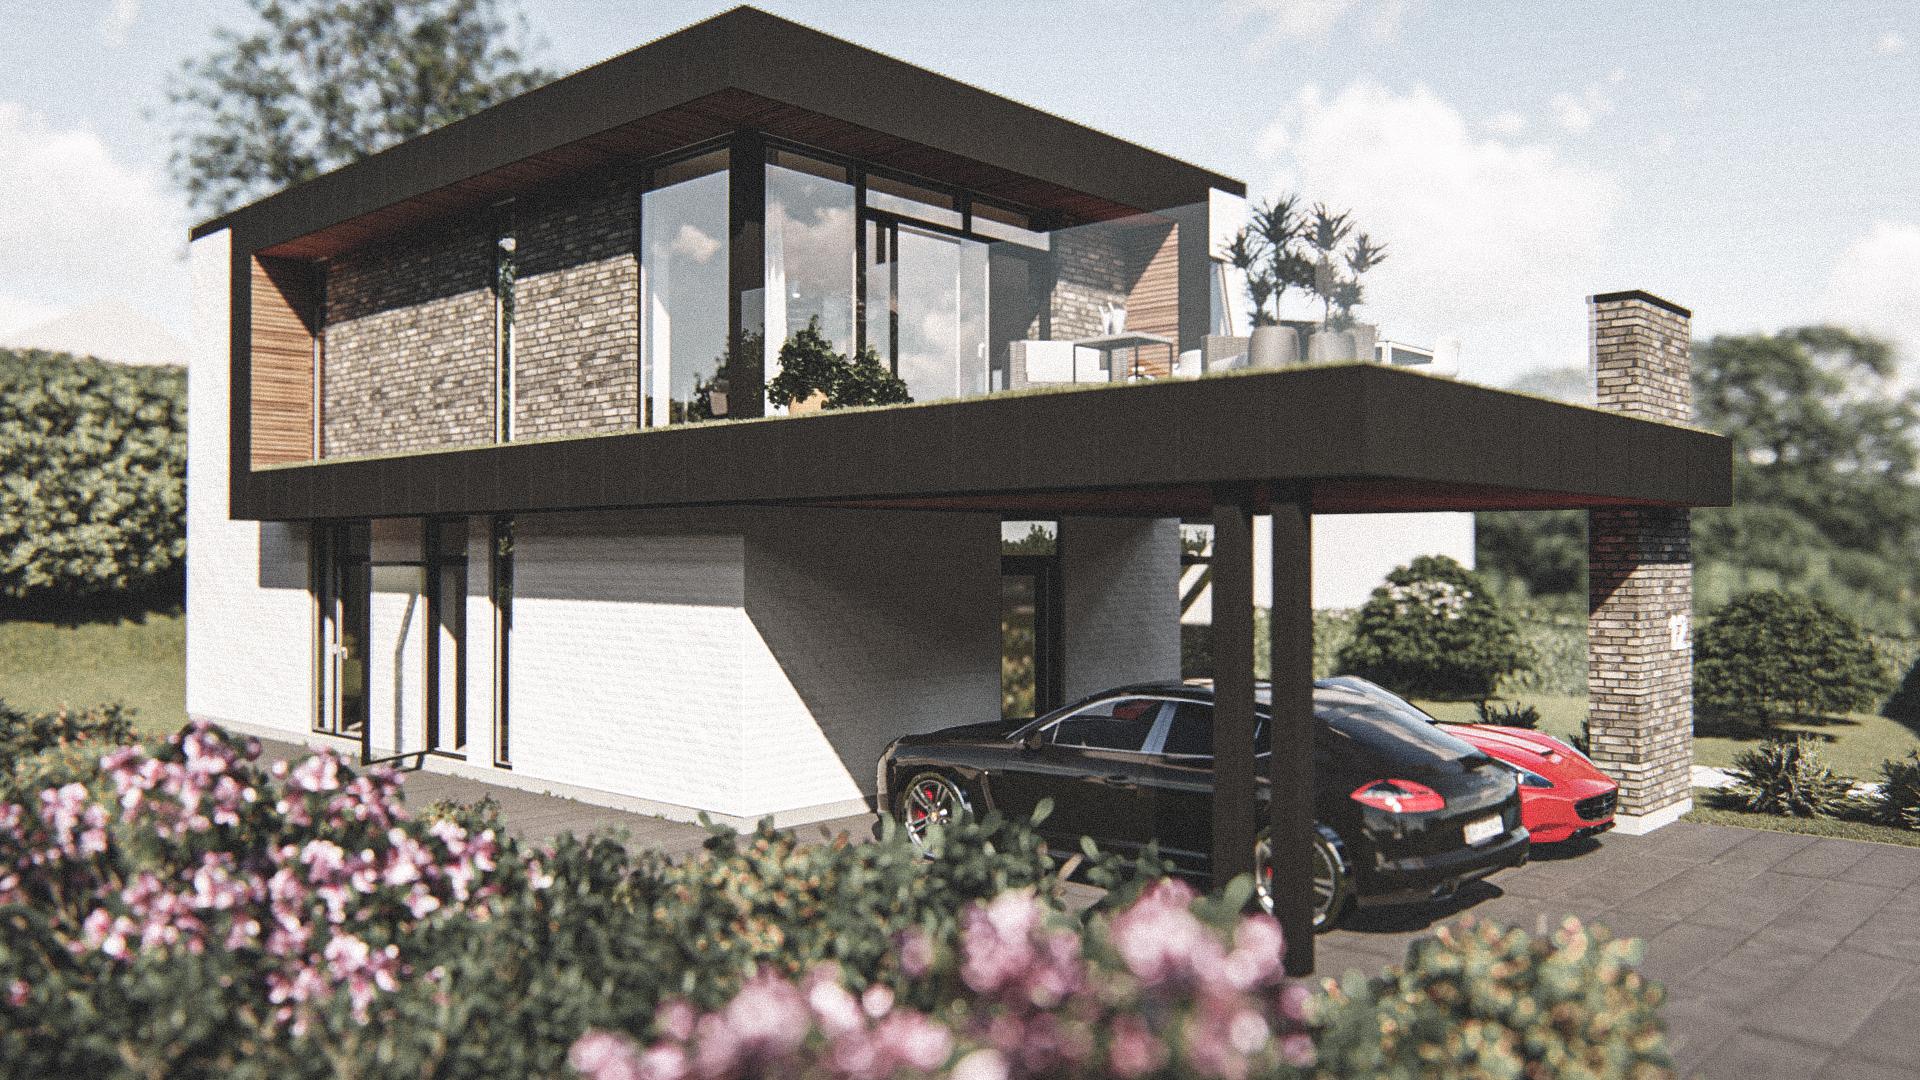 Billede af Dansk arkitekttegnet 2 plan villa af arkitektfirmaet m2plus, i Kolding på 200 kvartratmeter.